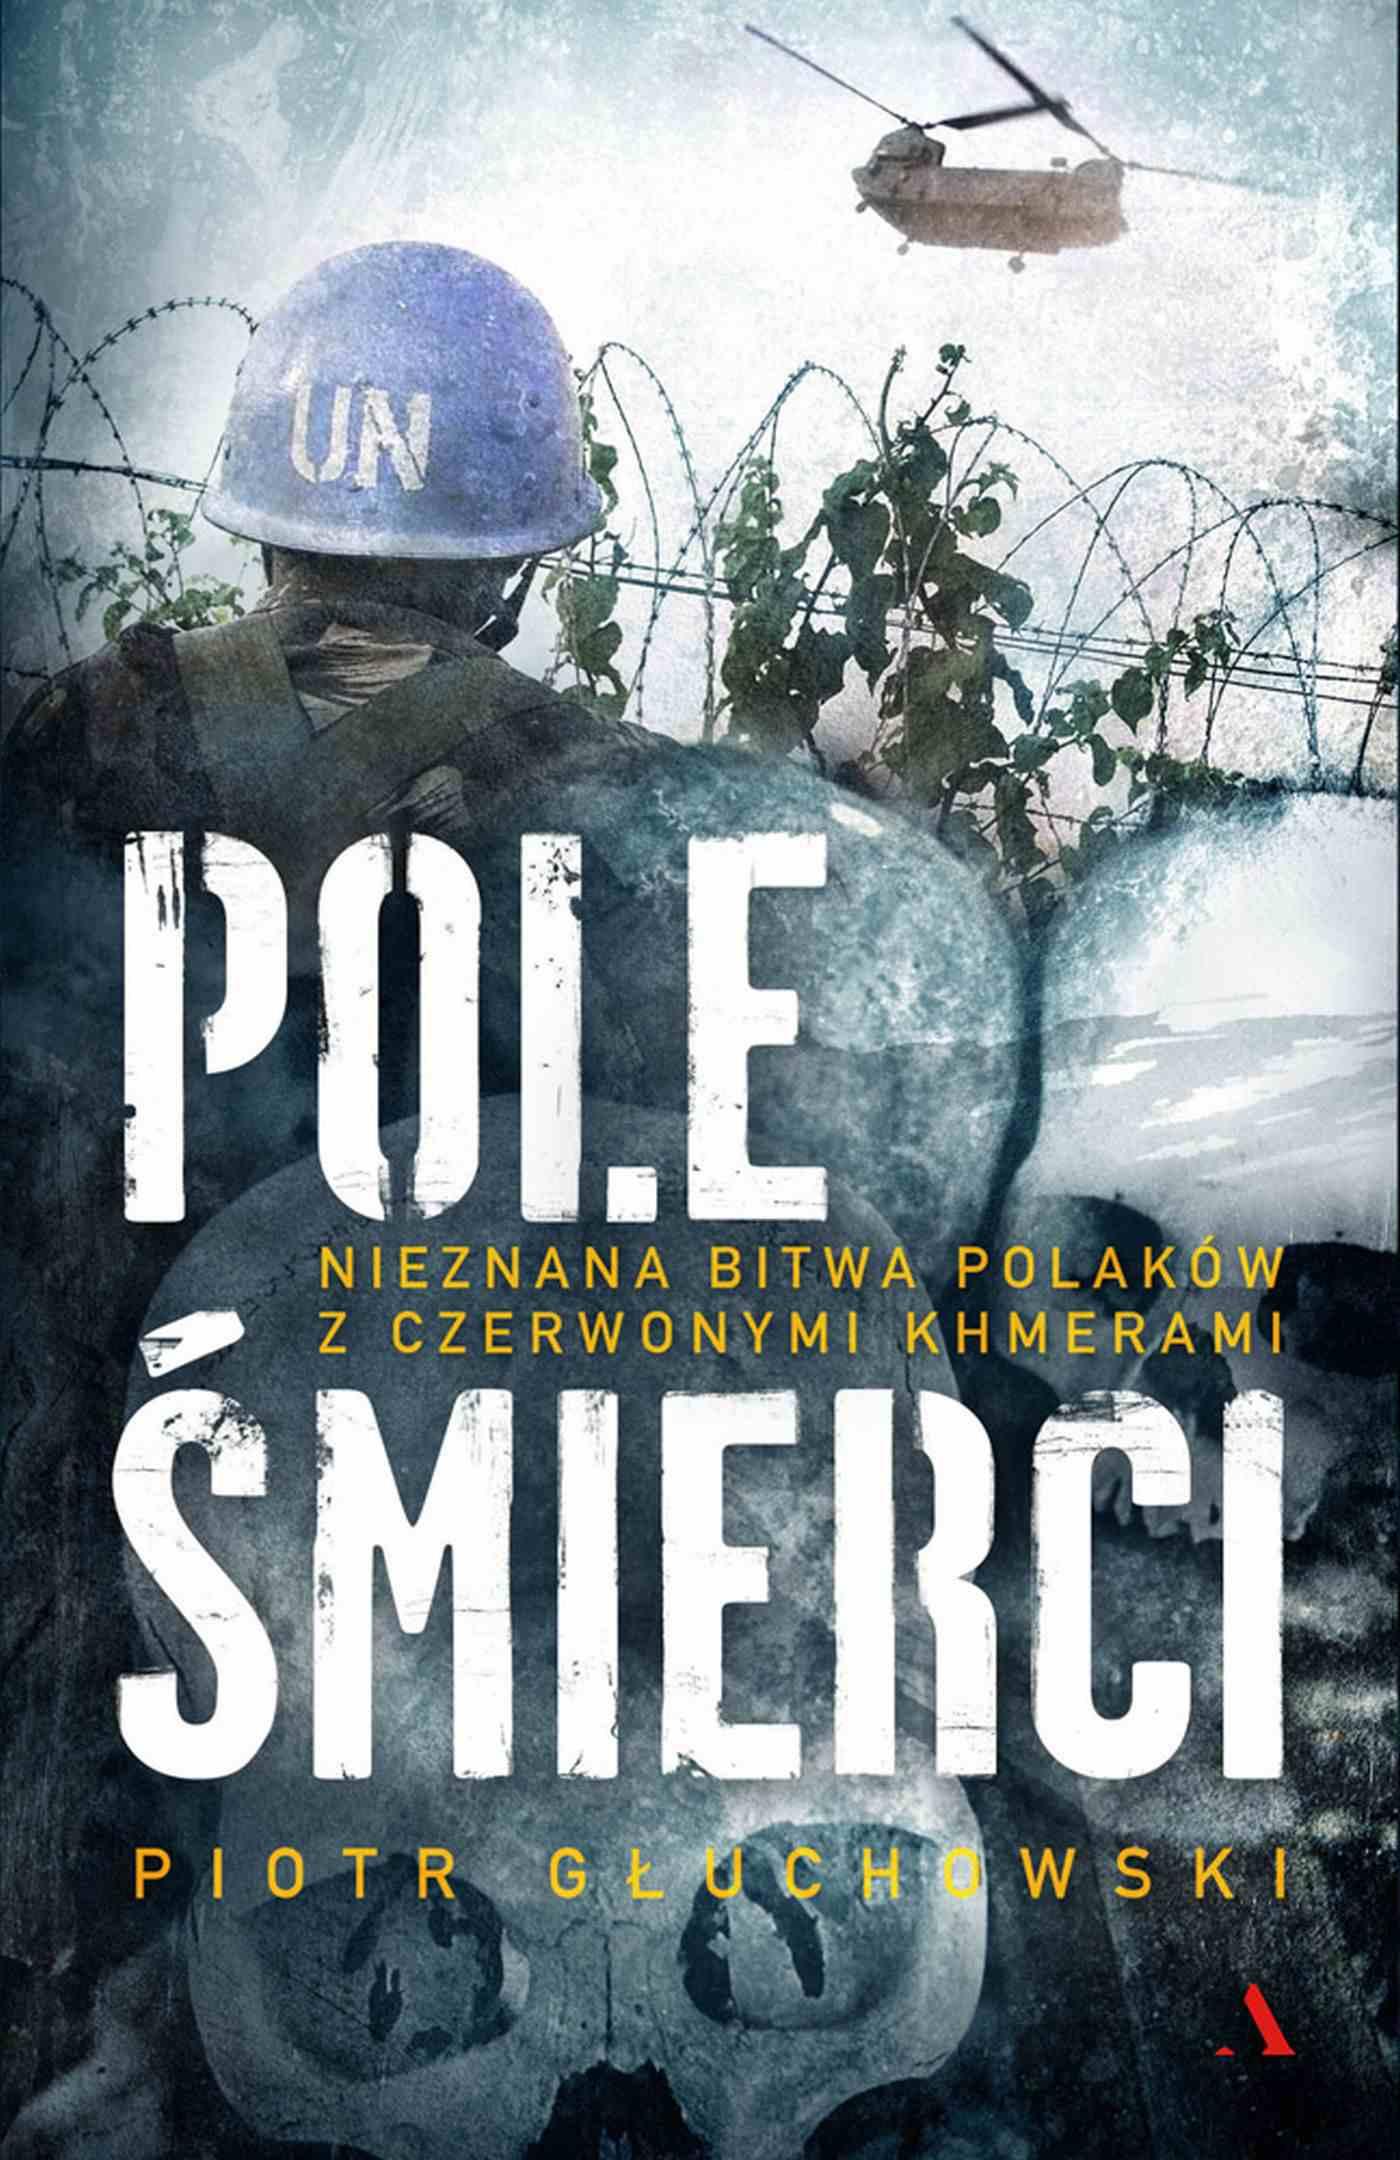 Pole śmierci. Nieznana bitwa Polaków z Czerwonymi Khmerami - Ebook (Książka EPUB) do pobrania w formacie EPUB